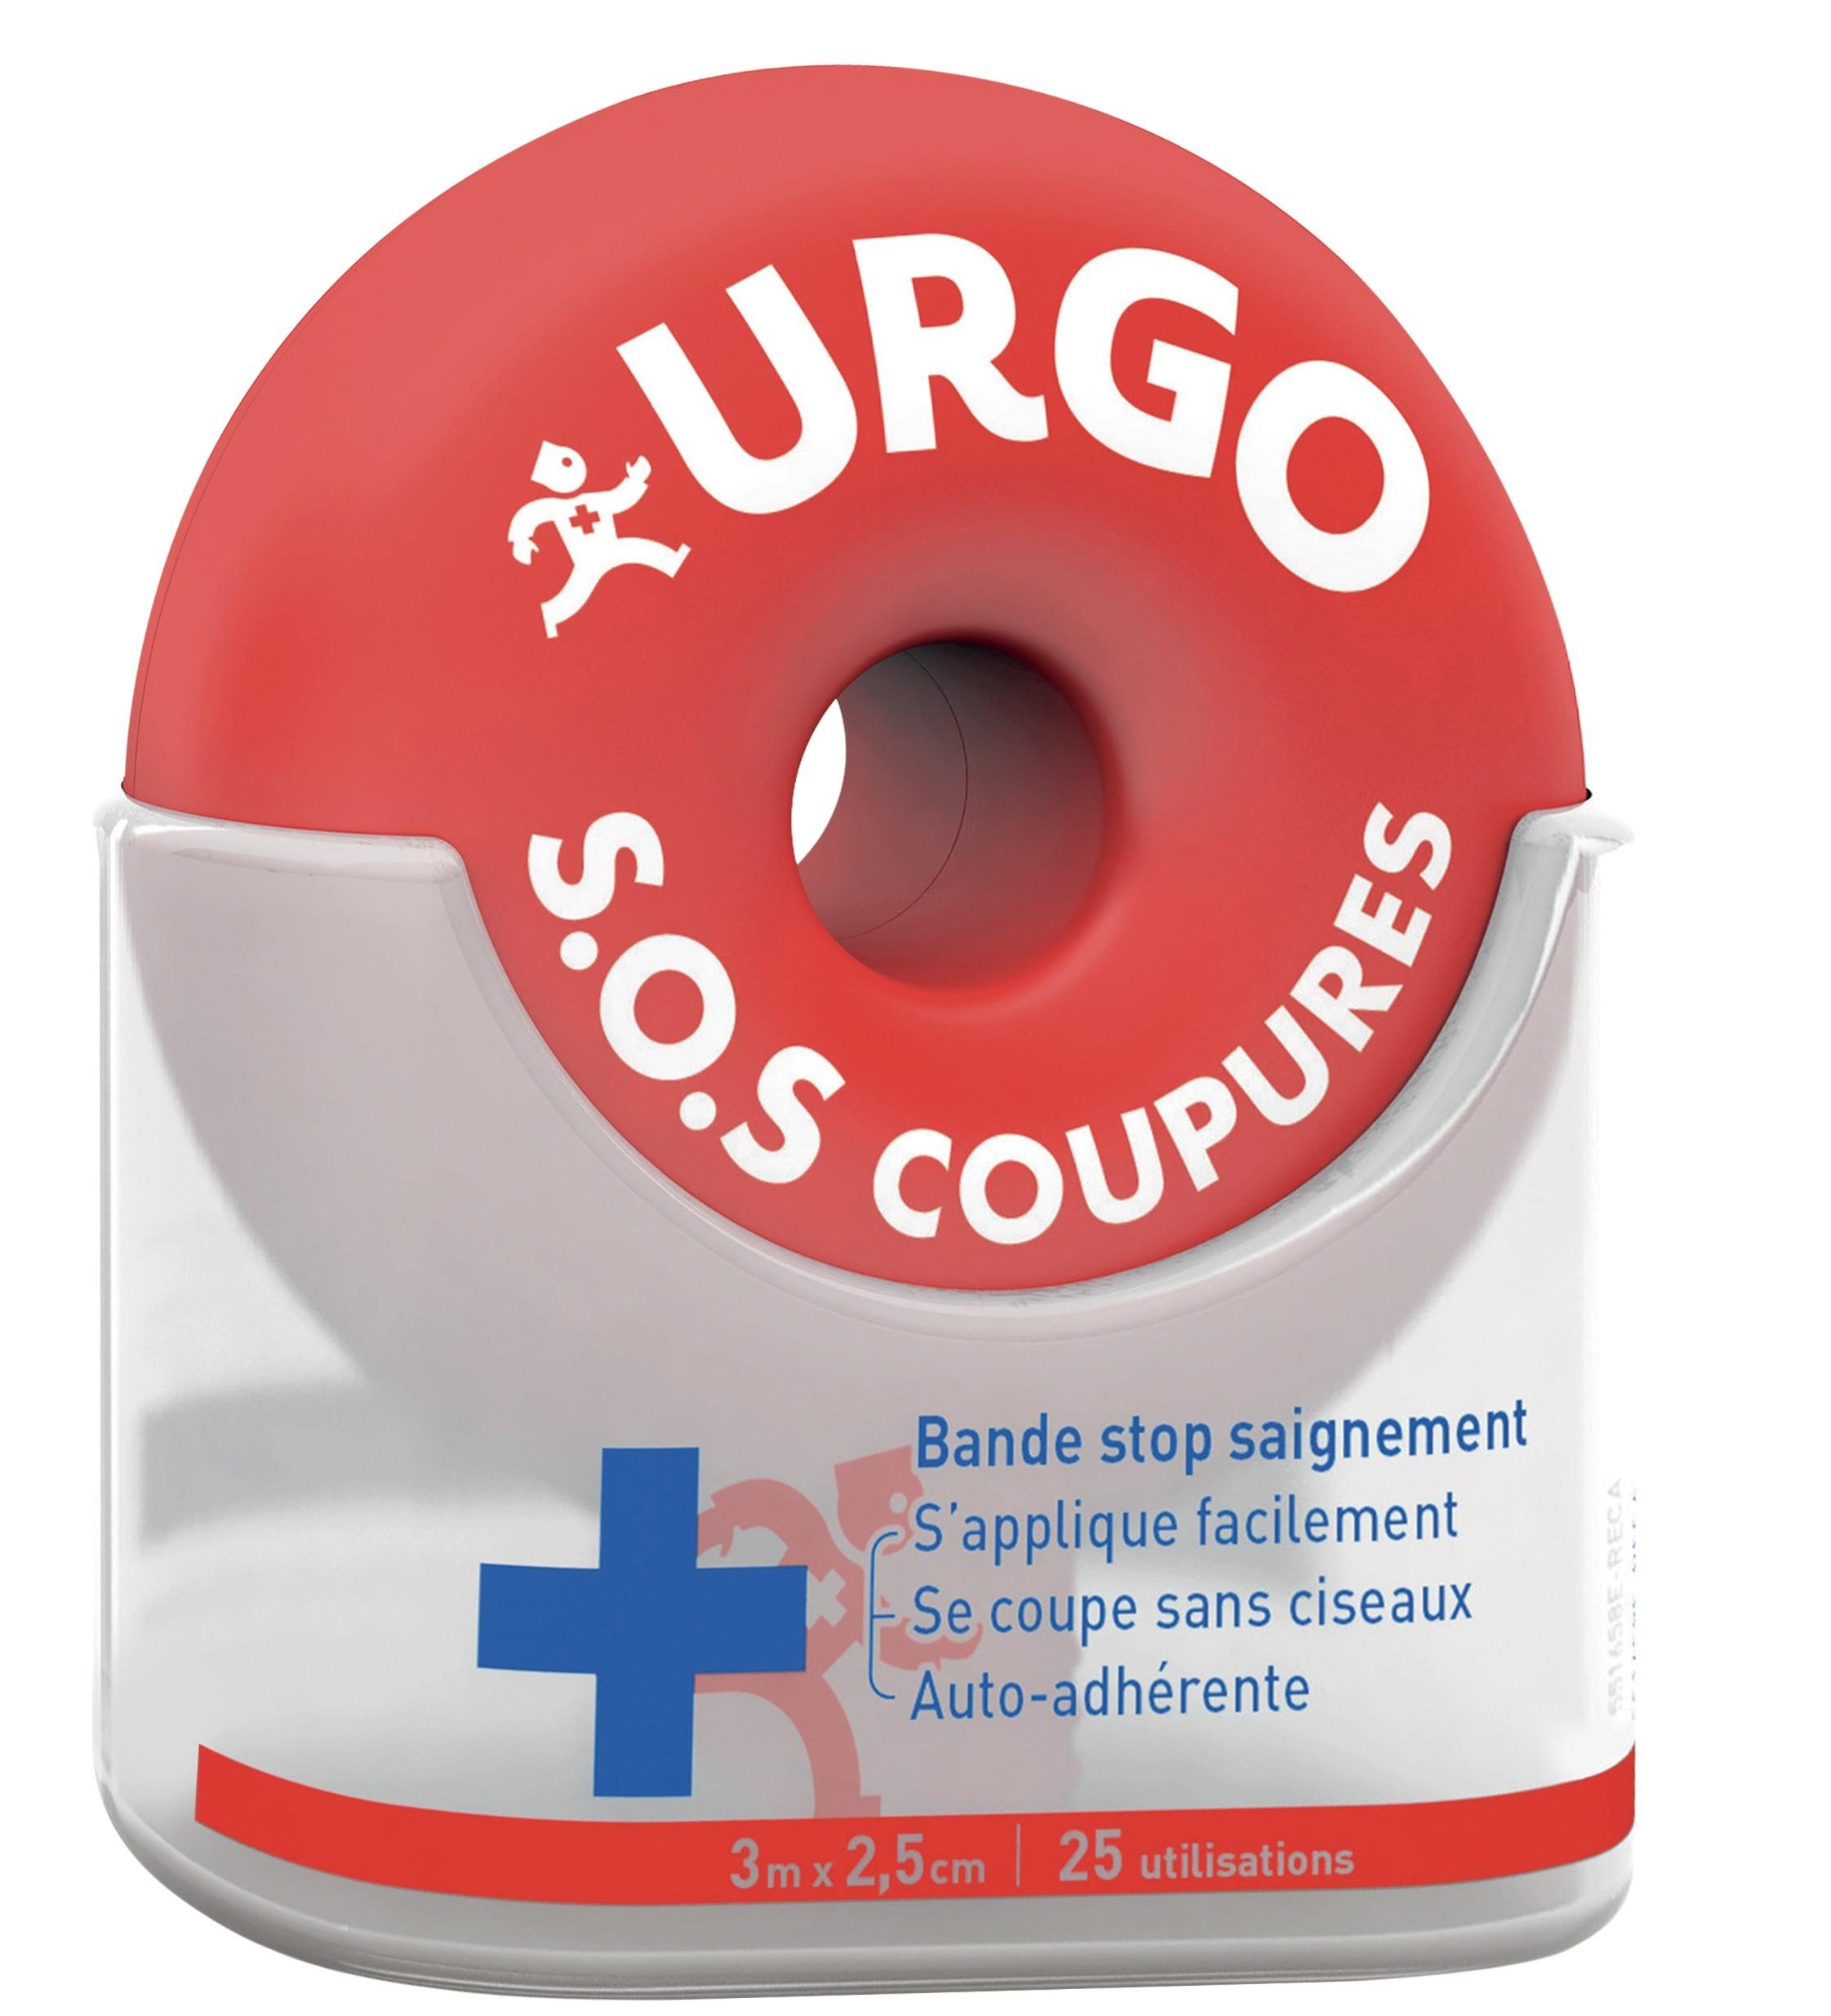 Urgo SOS coupure